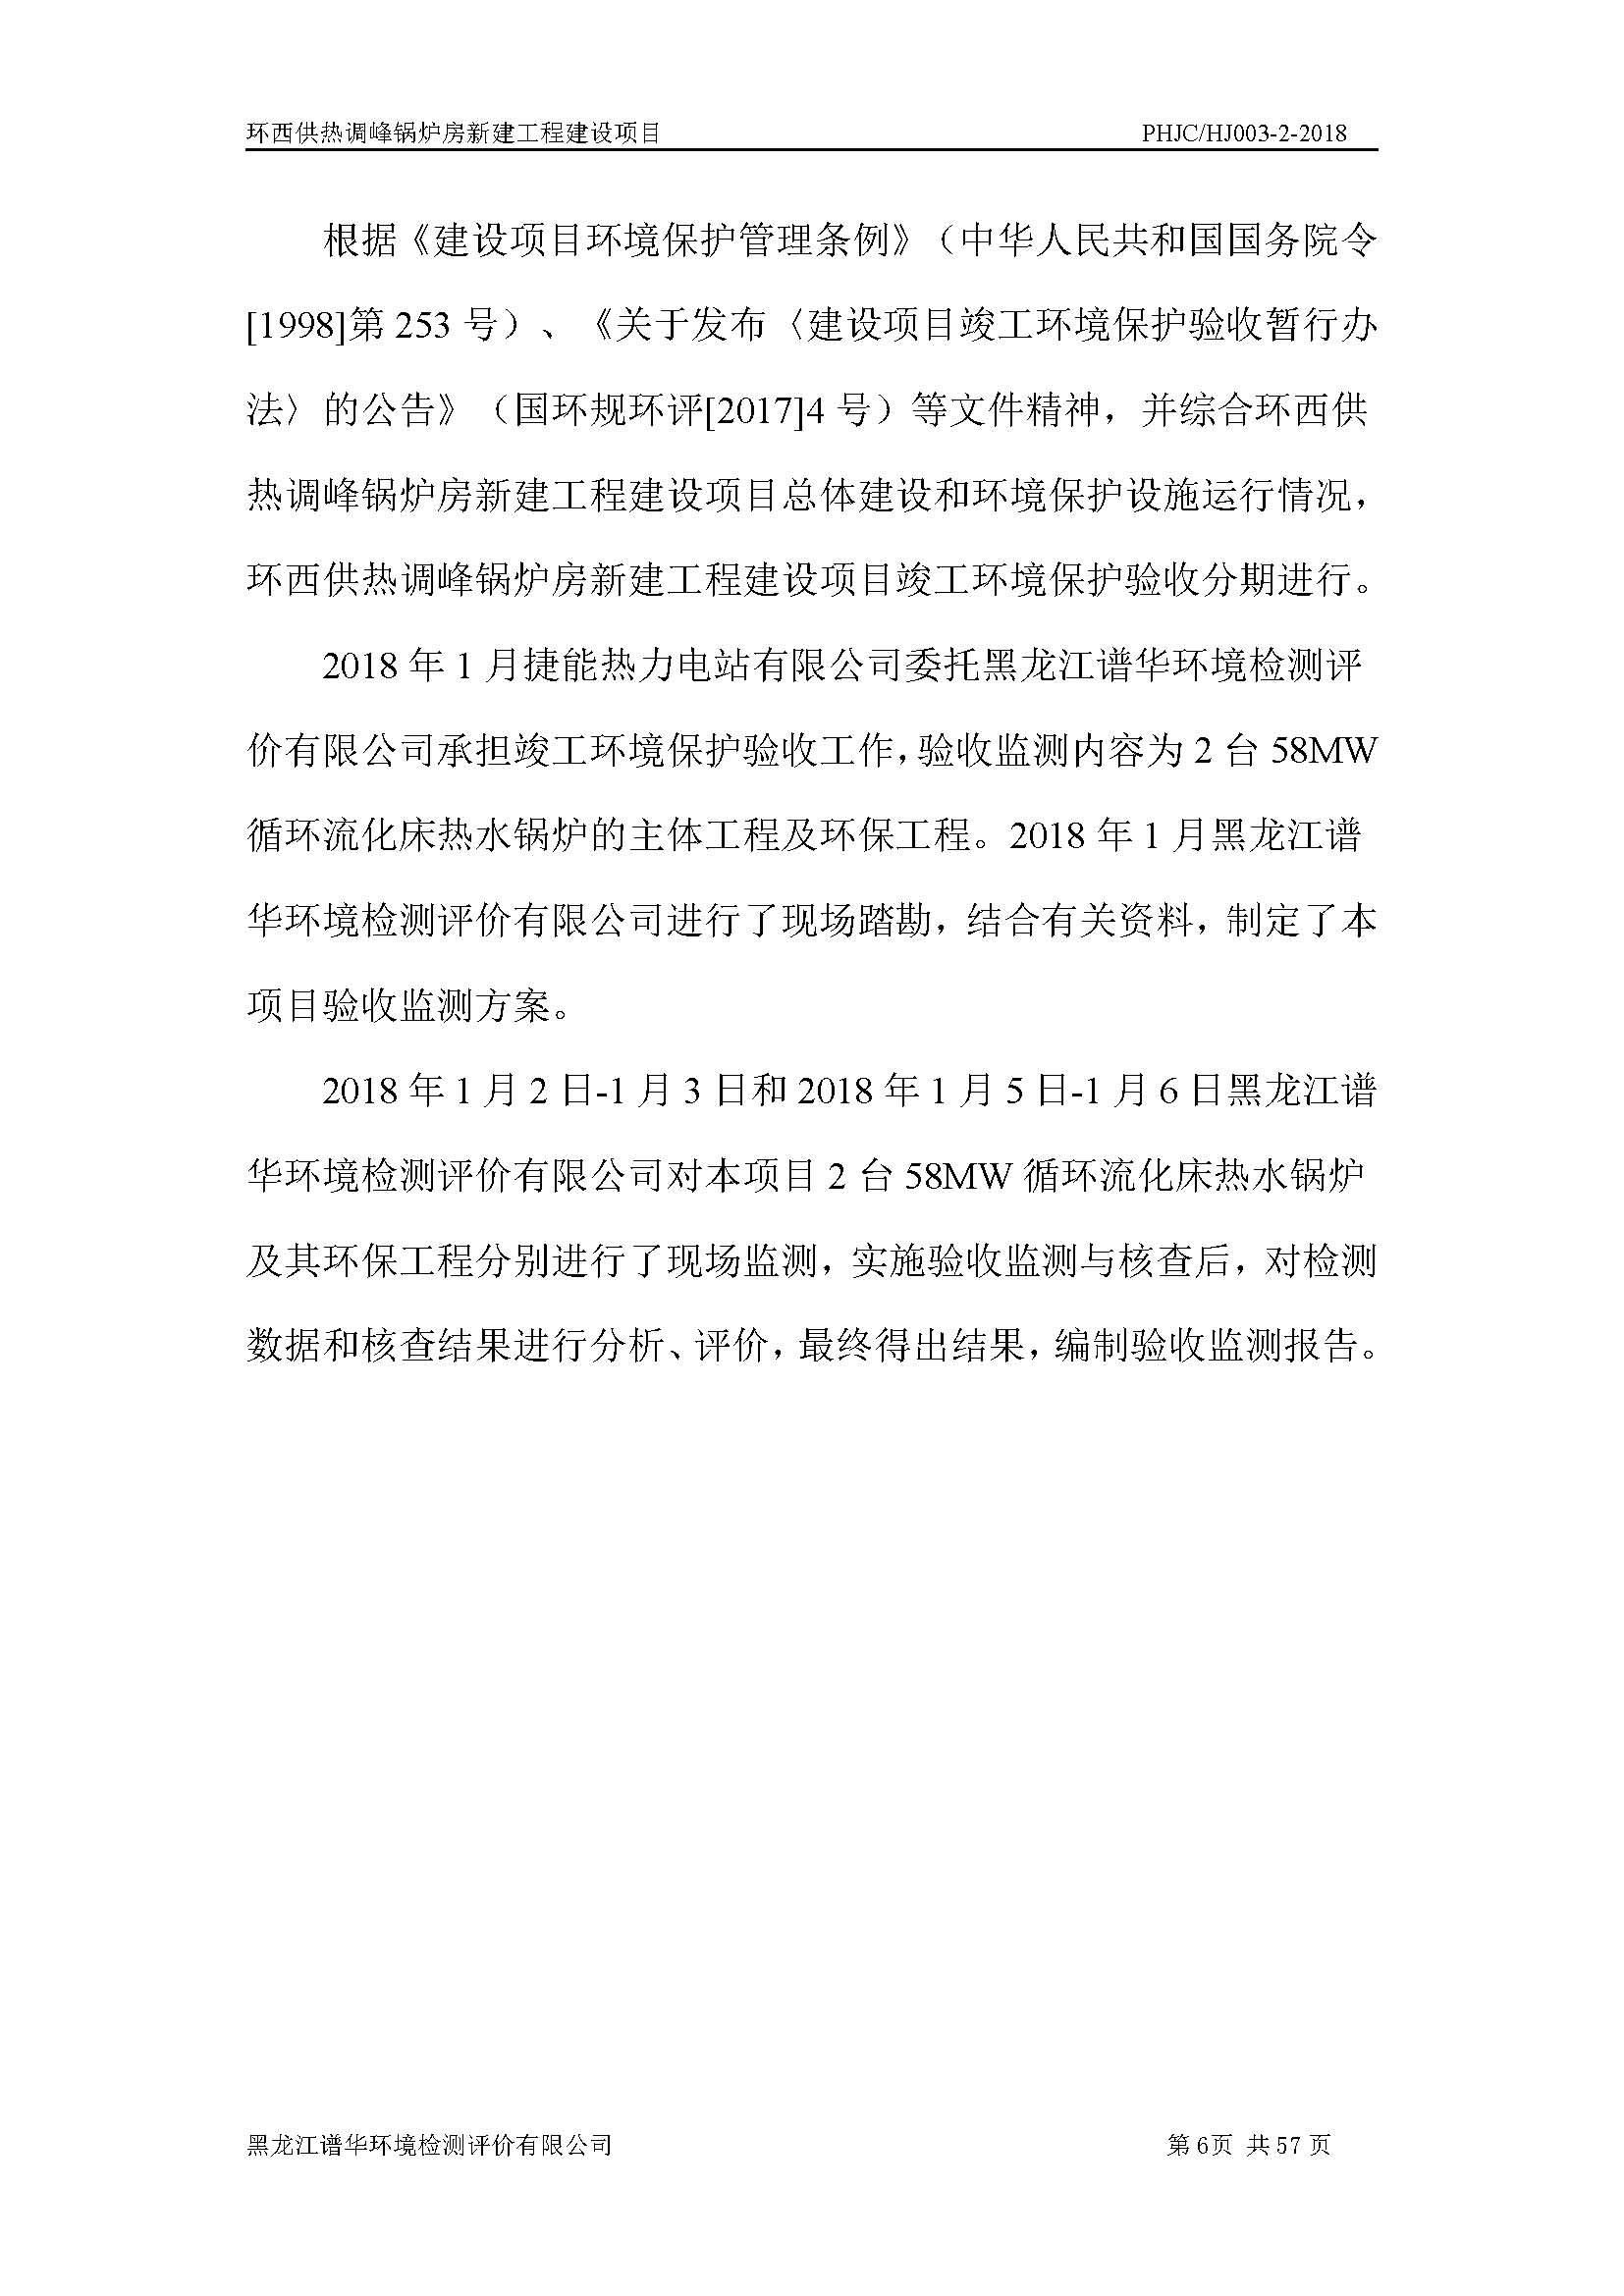 90  环西供热调峰锅炉房新建工程建设项目环境监测验收报告_页面_090.jpg